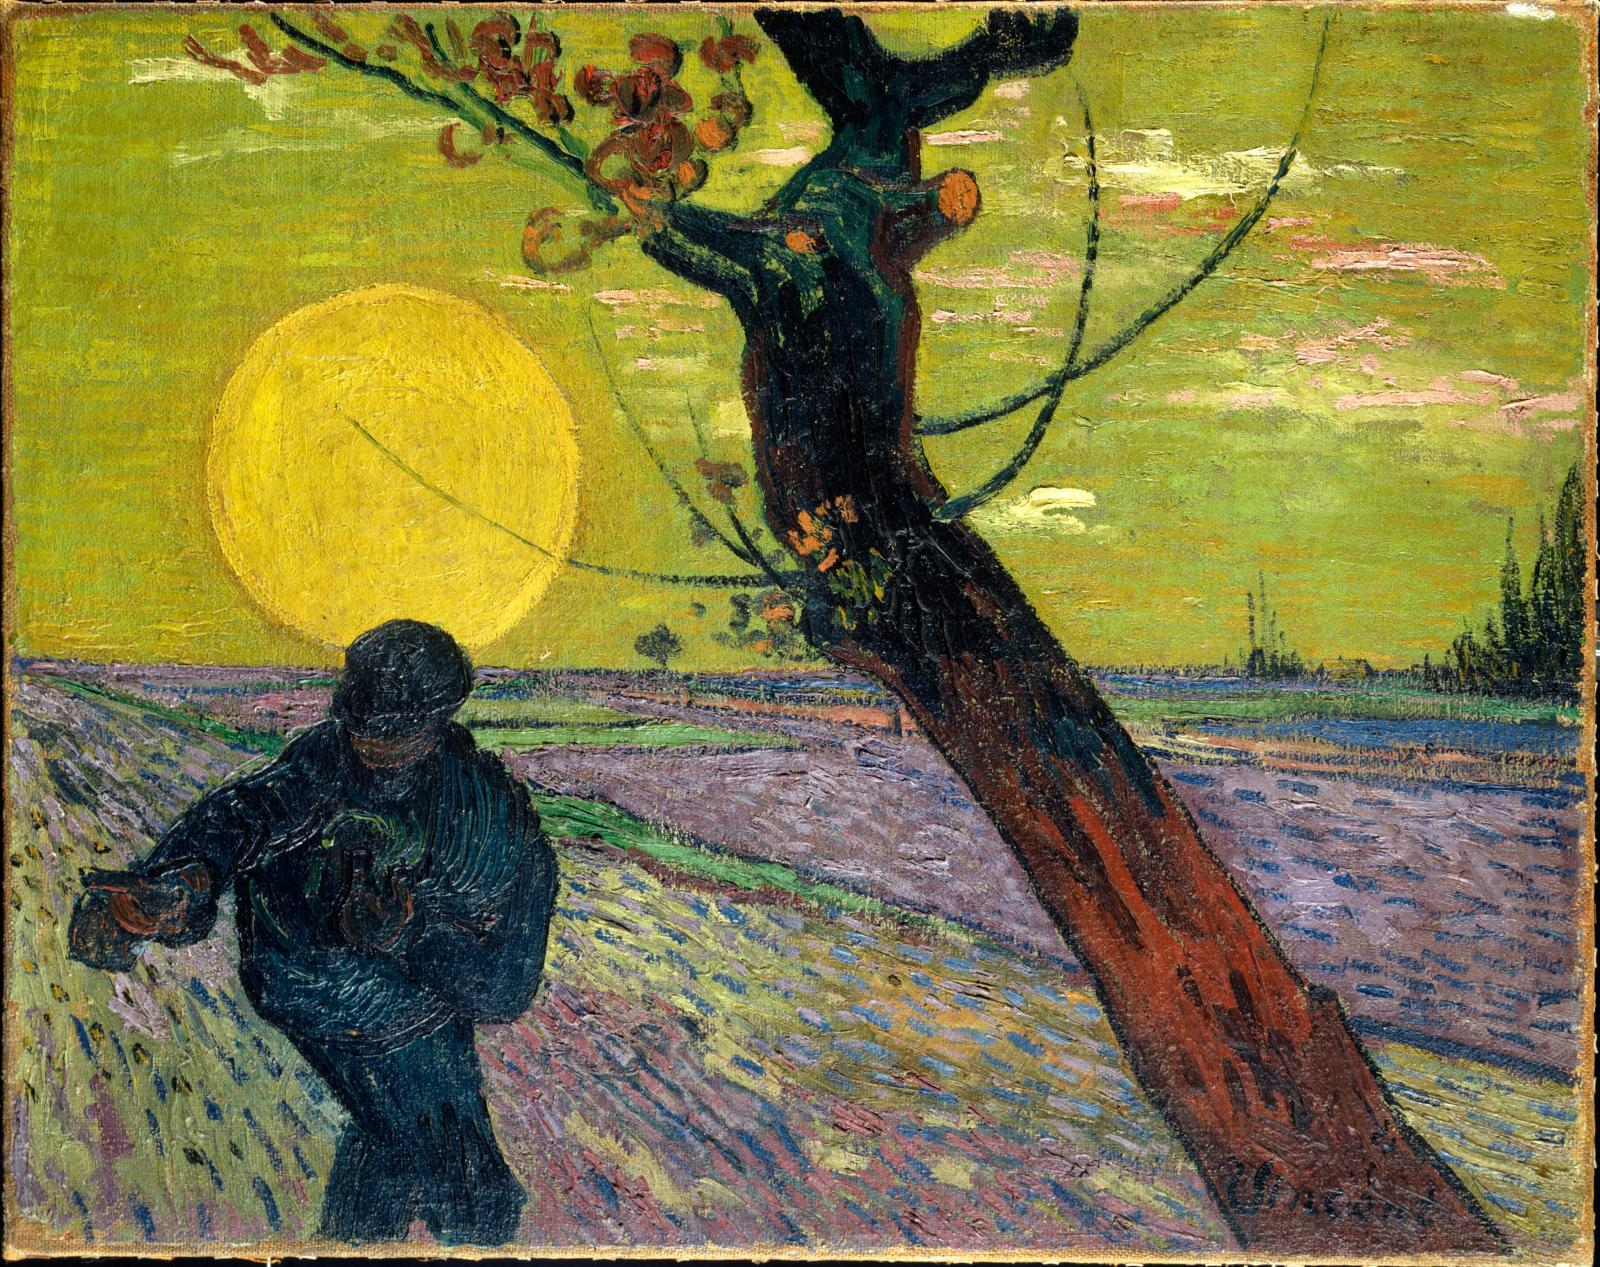 Vincent Van Gogh, Le Semeur, soleil couchant, 1888, huile sur toile, 73x92cm. Collection Emil Bührle, Zurich.